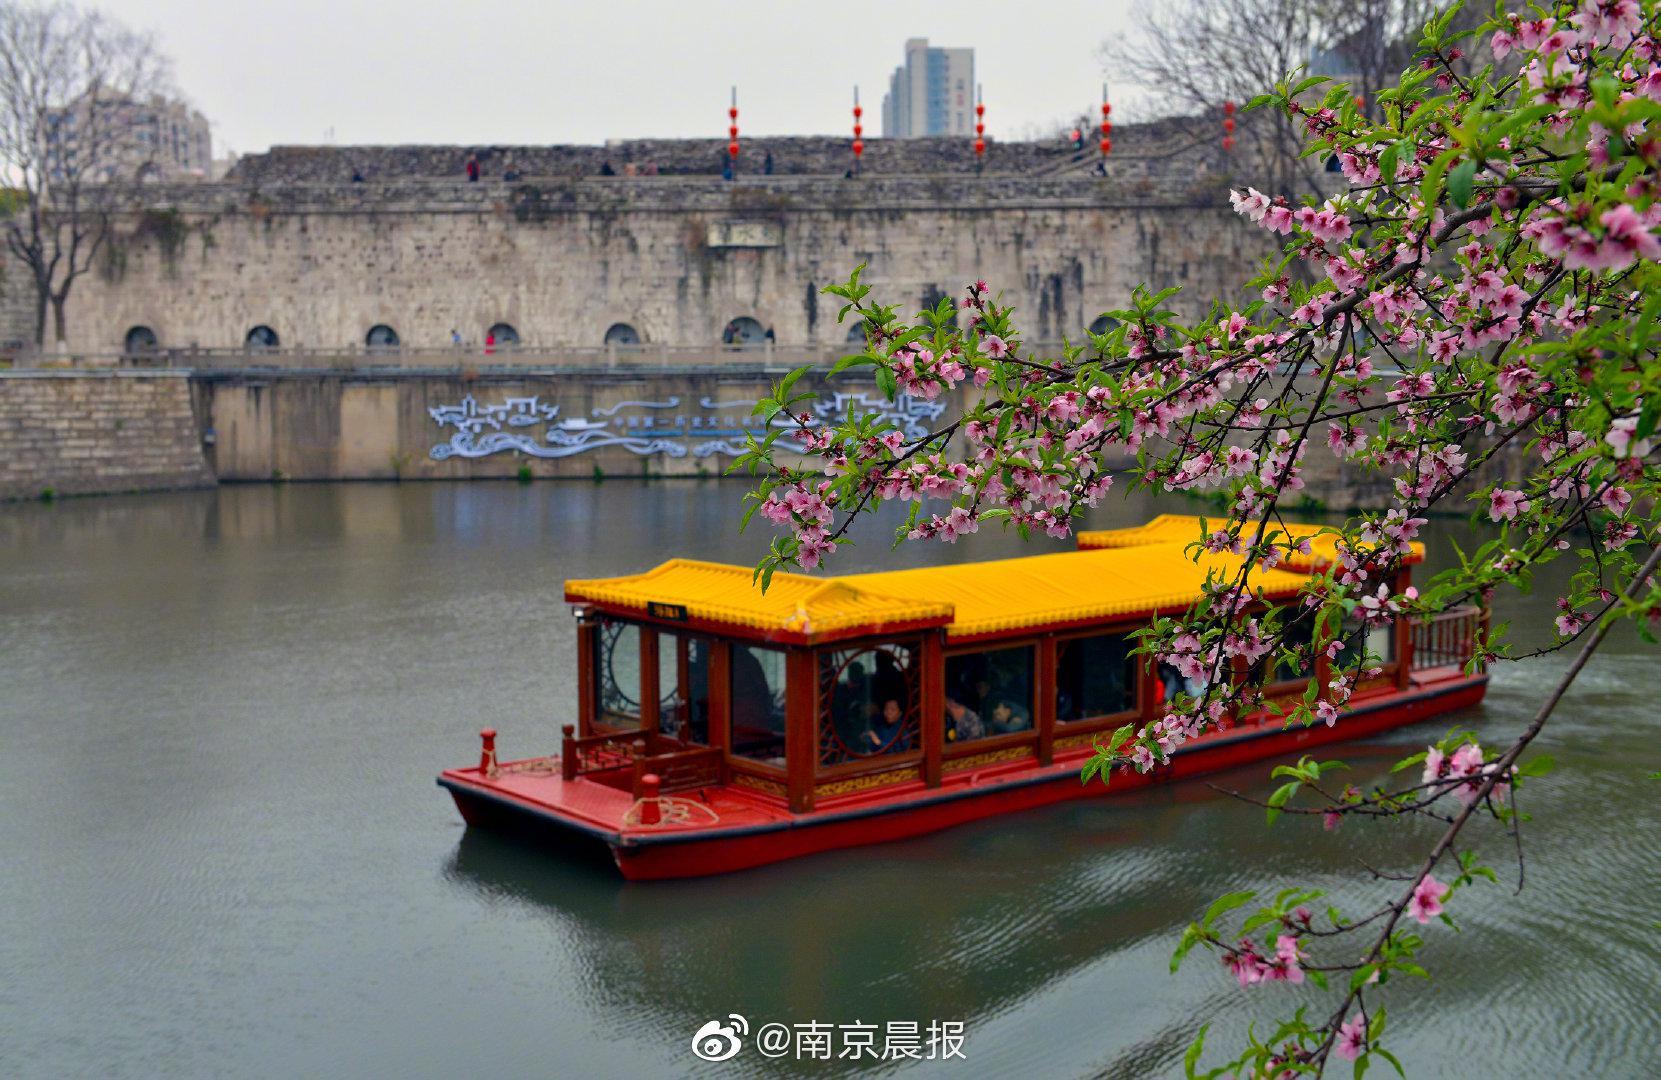 现场直播、行走城墙、儿童画展……南京城墙国际古迹遗址日活动精彩纷呈